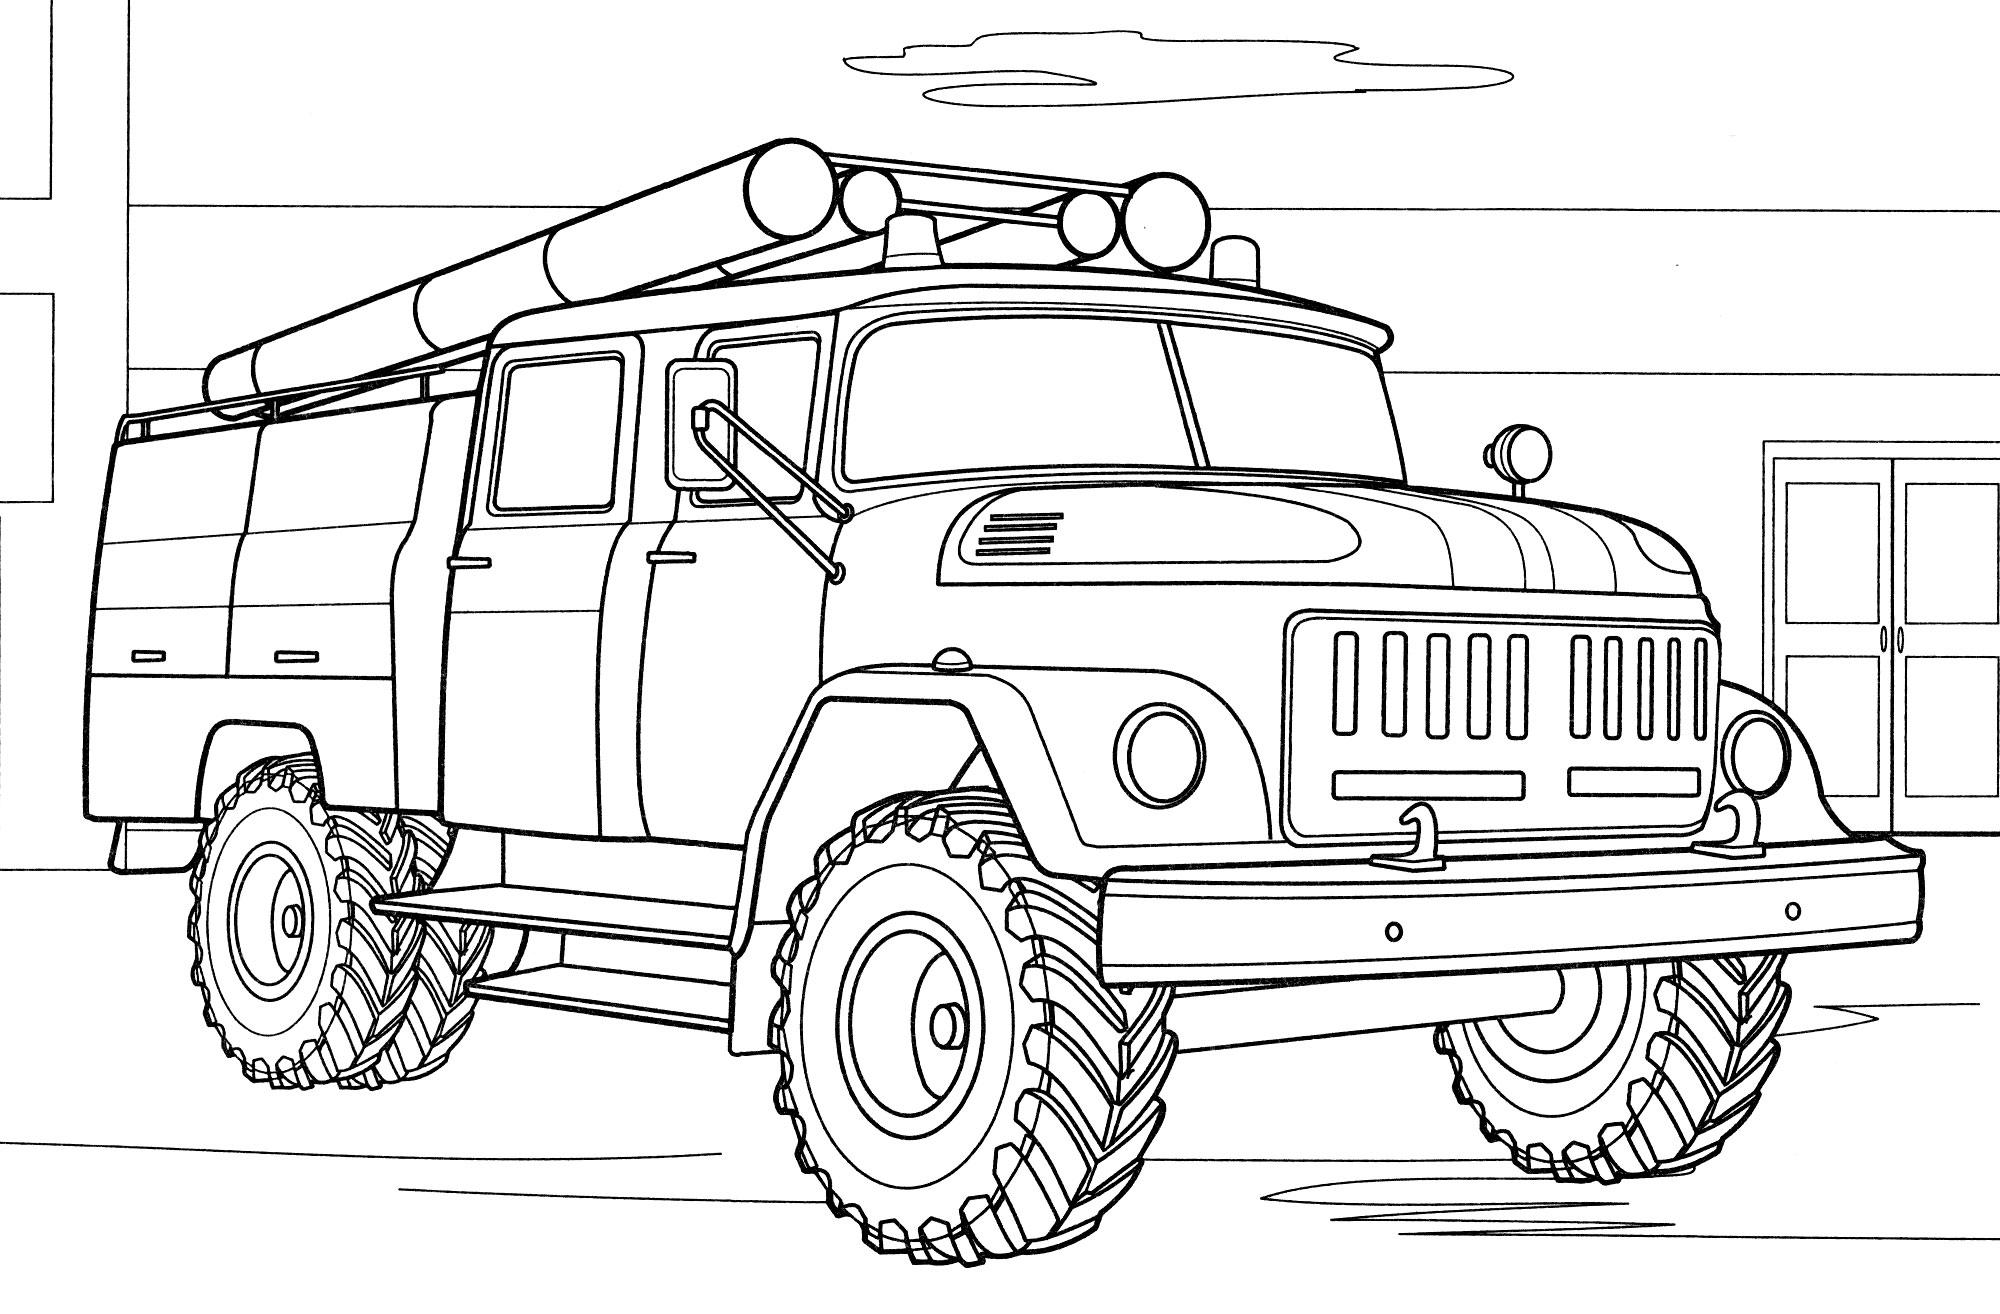 Раскраска Пожарная машина ЗИЛ-43362 - распечатать бесплатно